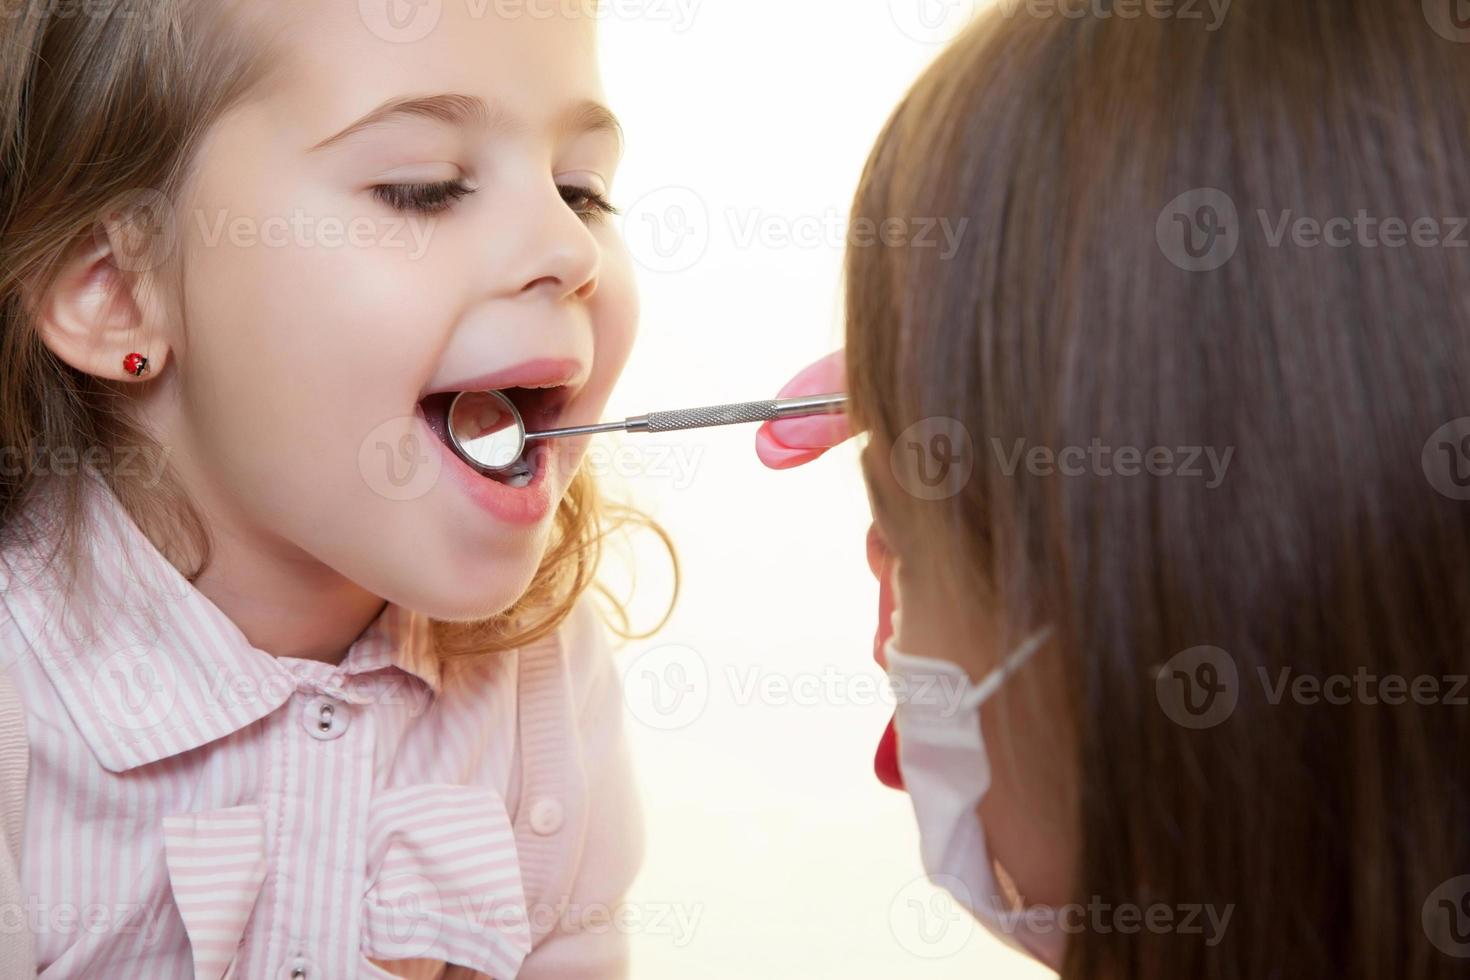 criança com dentista usando a ferramenta para olhar na boca foto